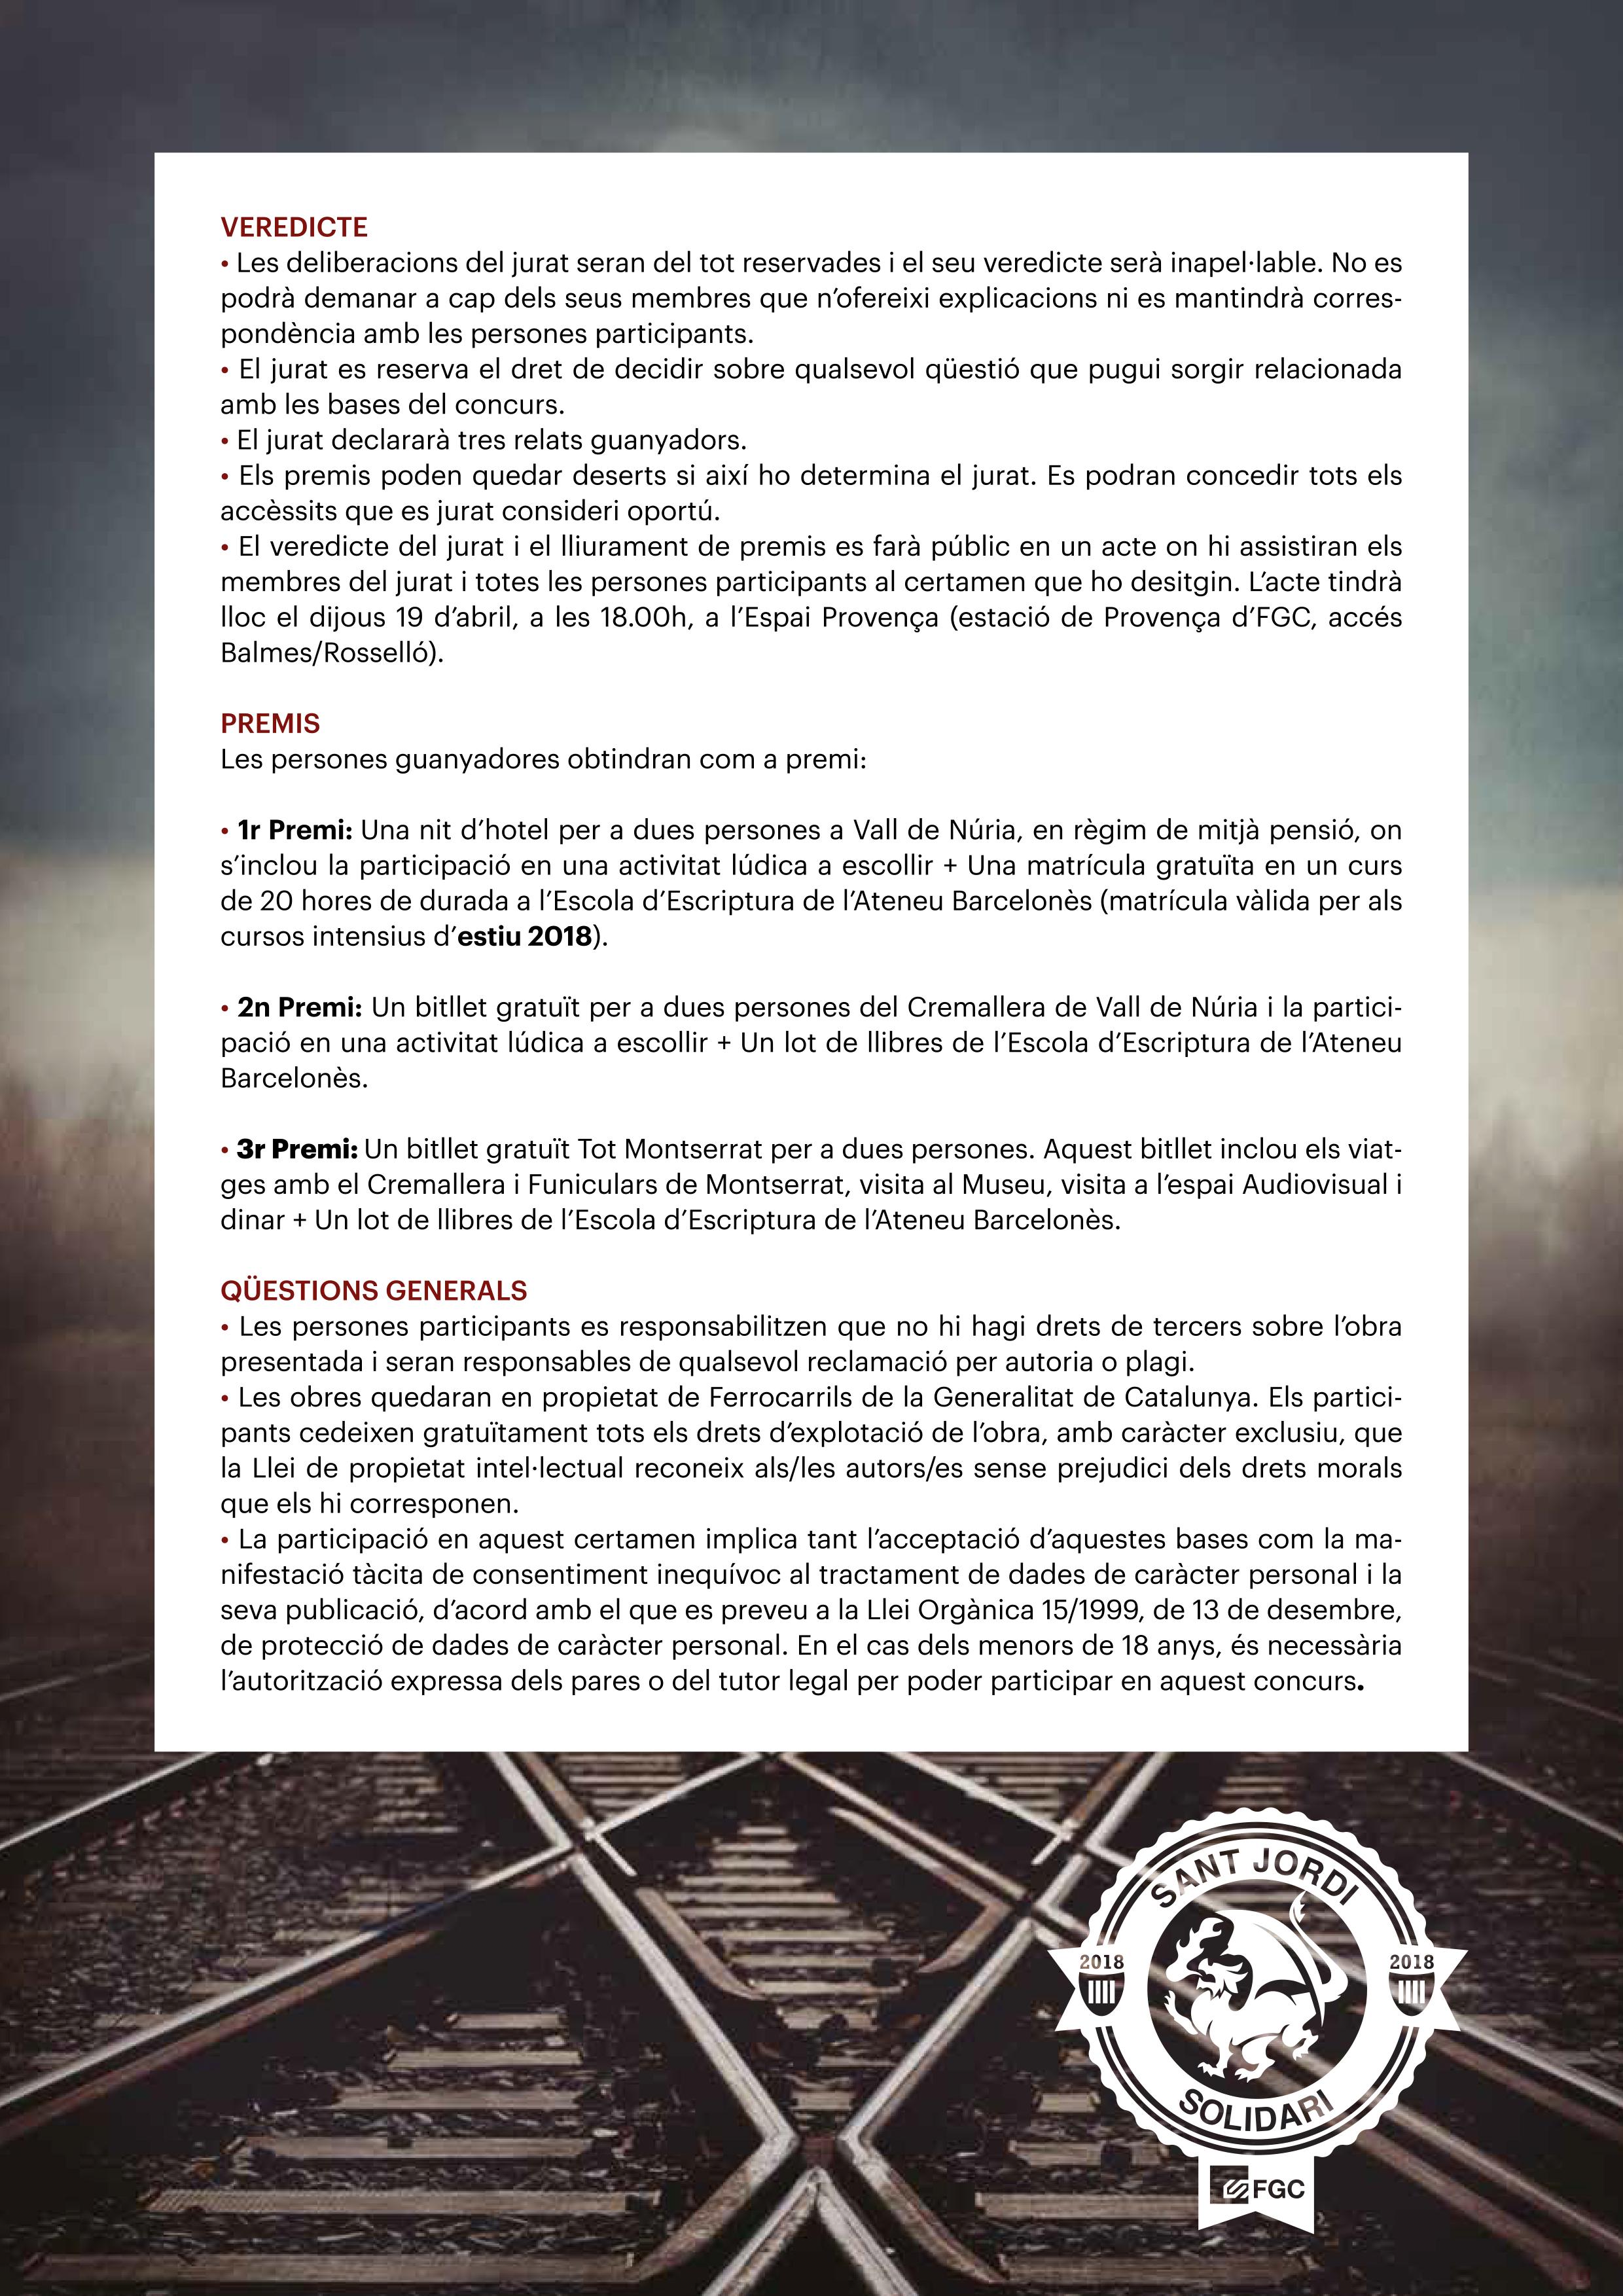 Sant Jordi Solidari veredicte i premis